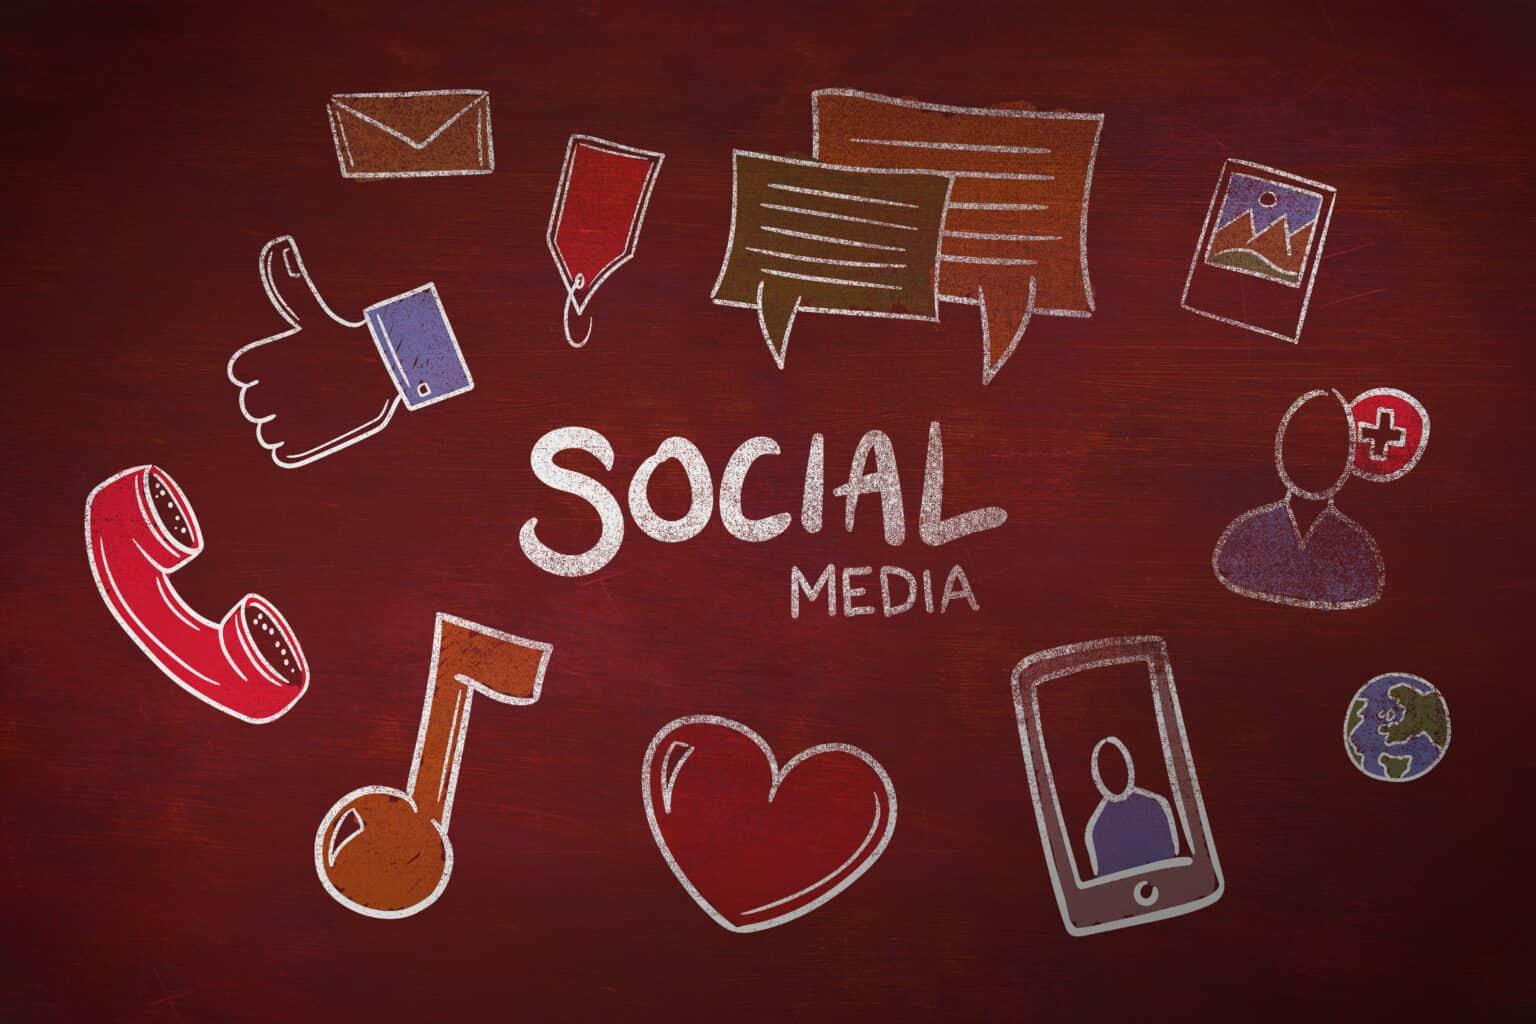 social media doodle against desk